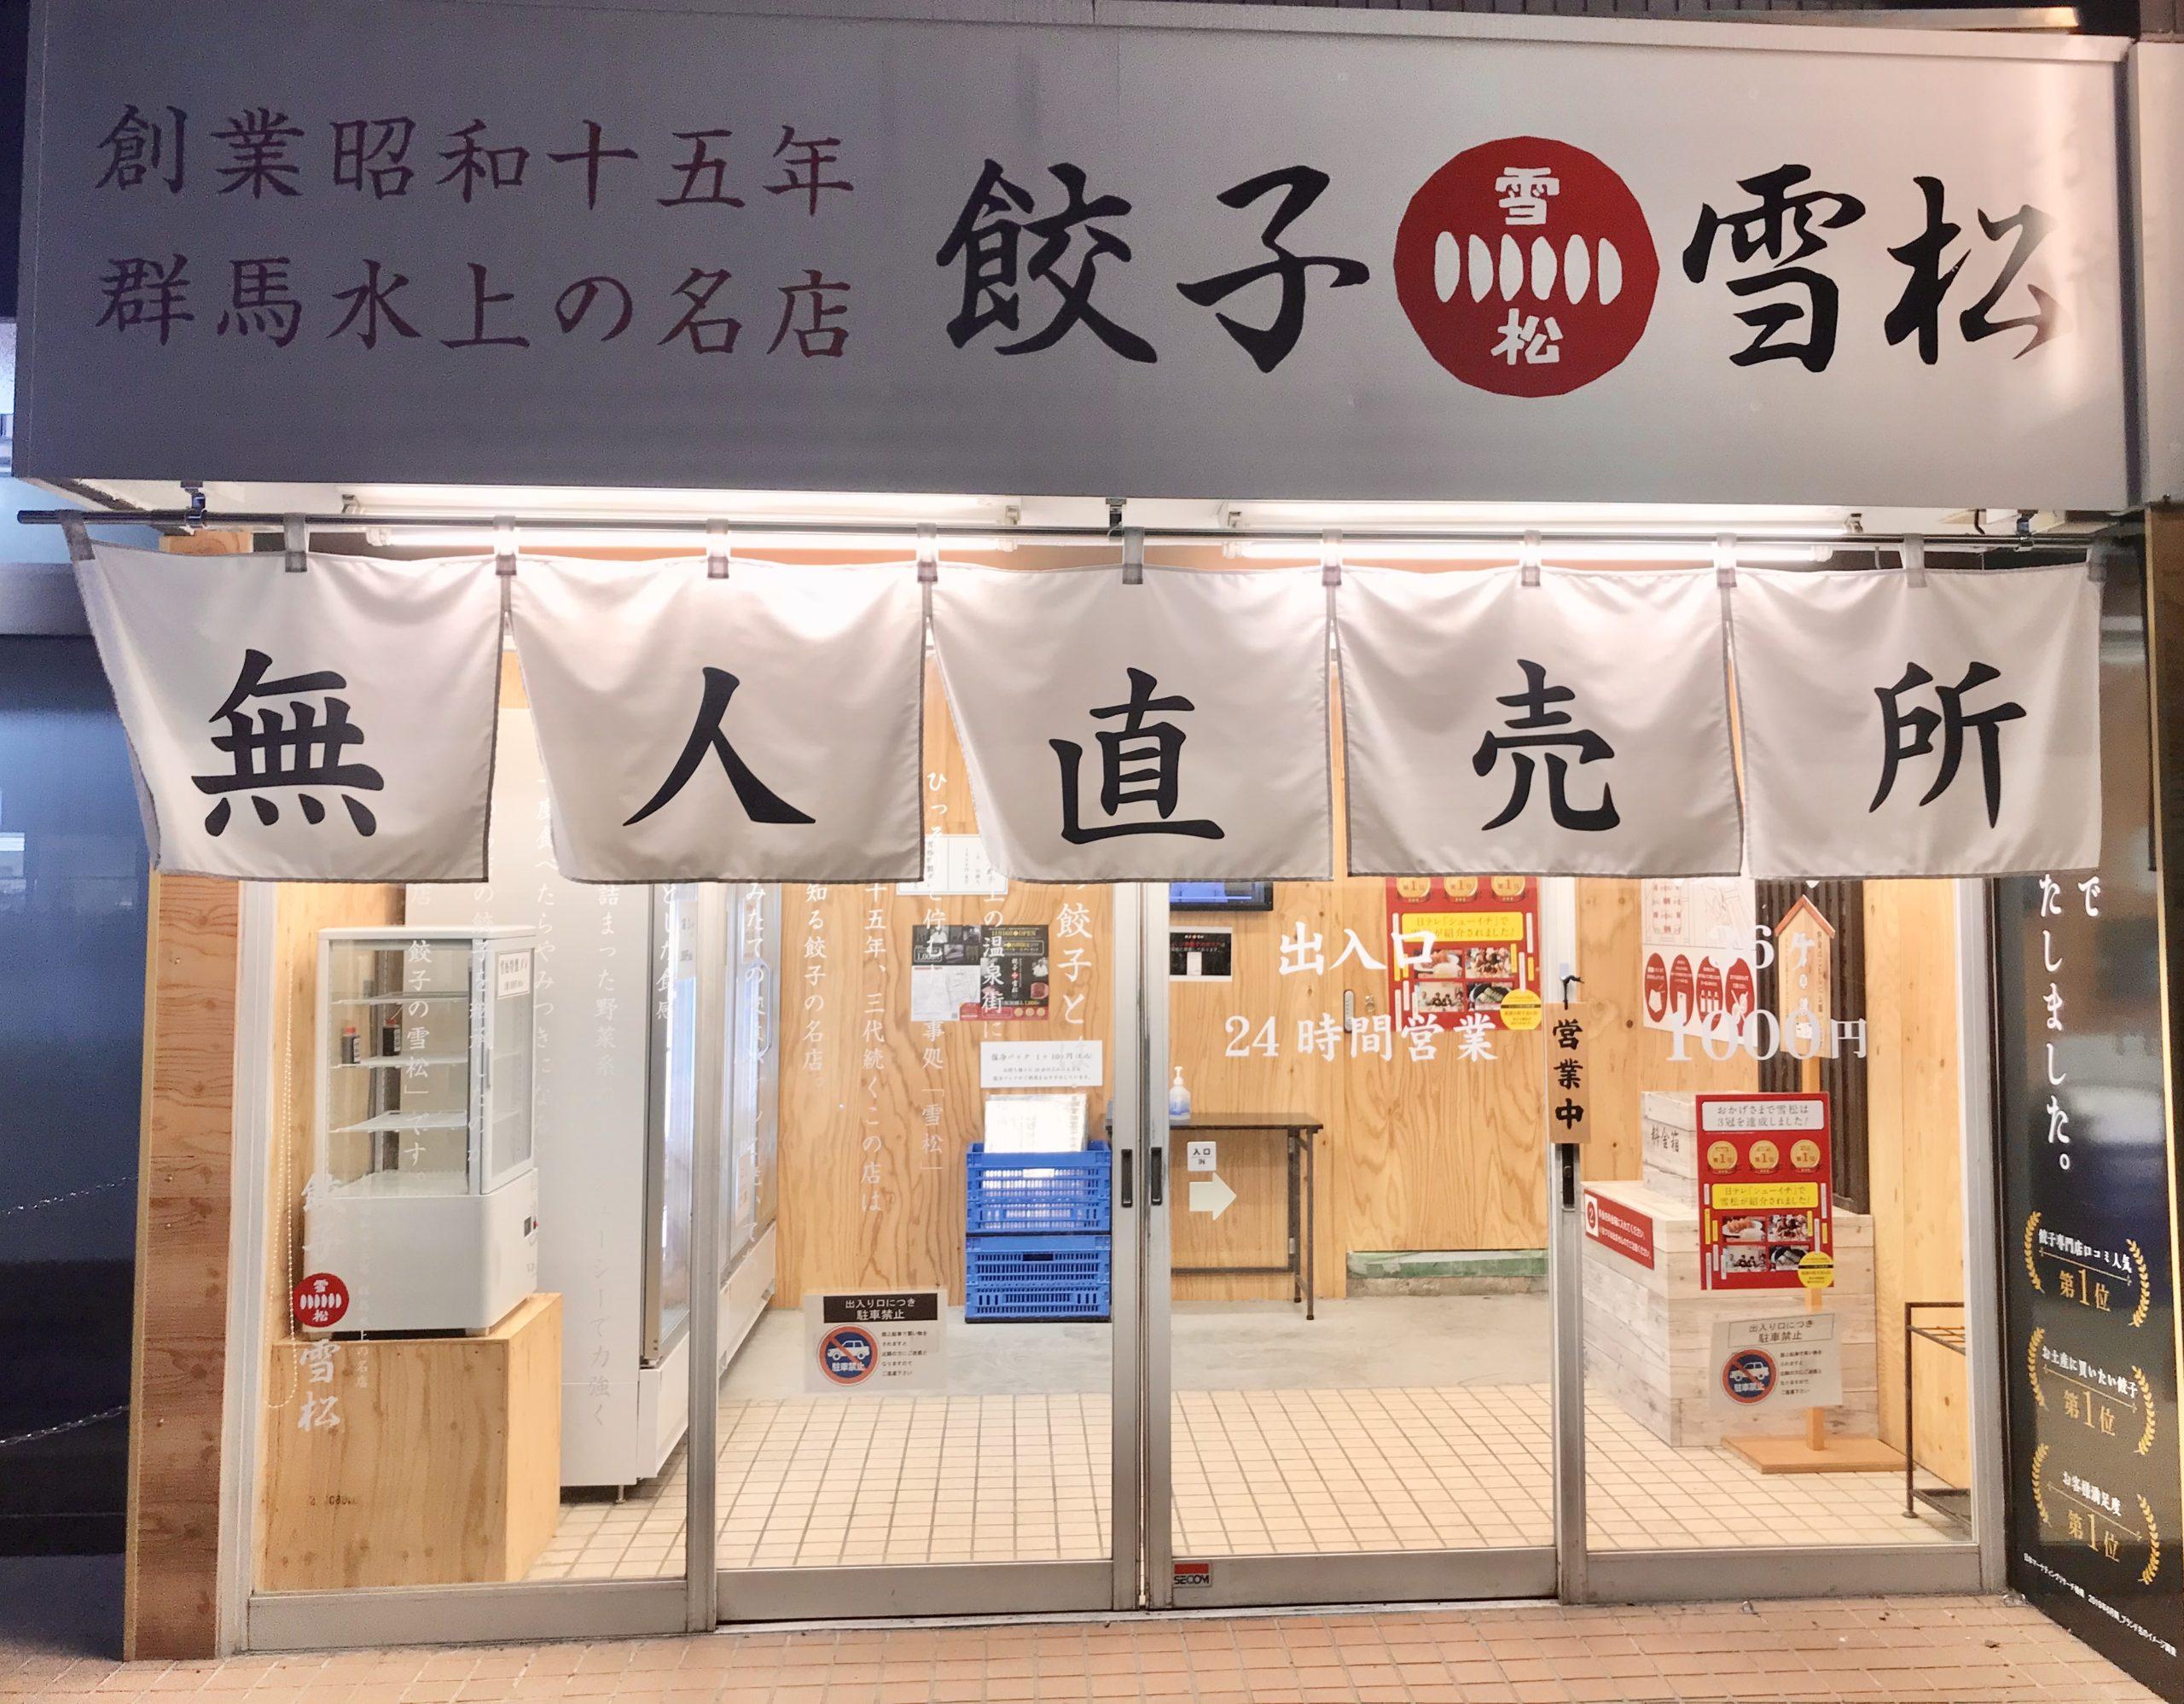 餃子 水上 『群馬県水上の餃子が 東京に進出して来たぞ』by